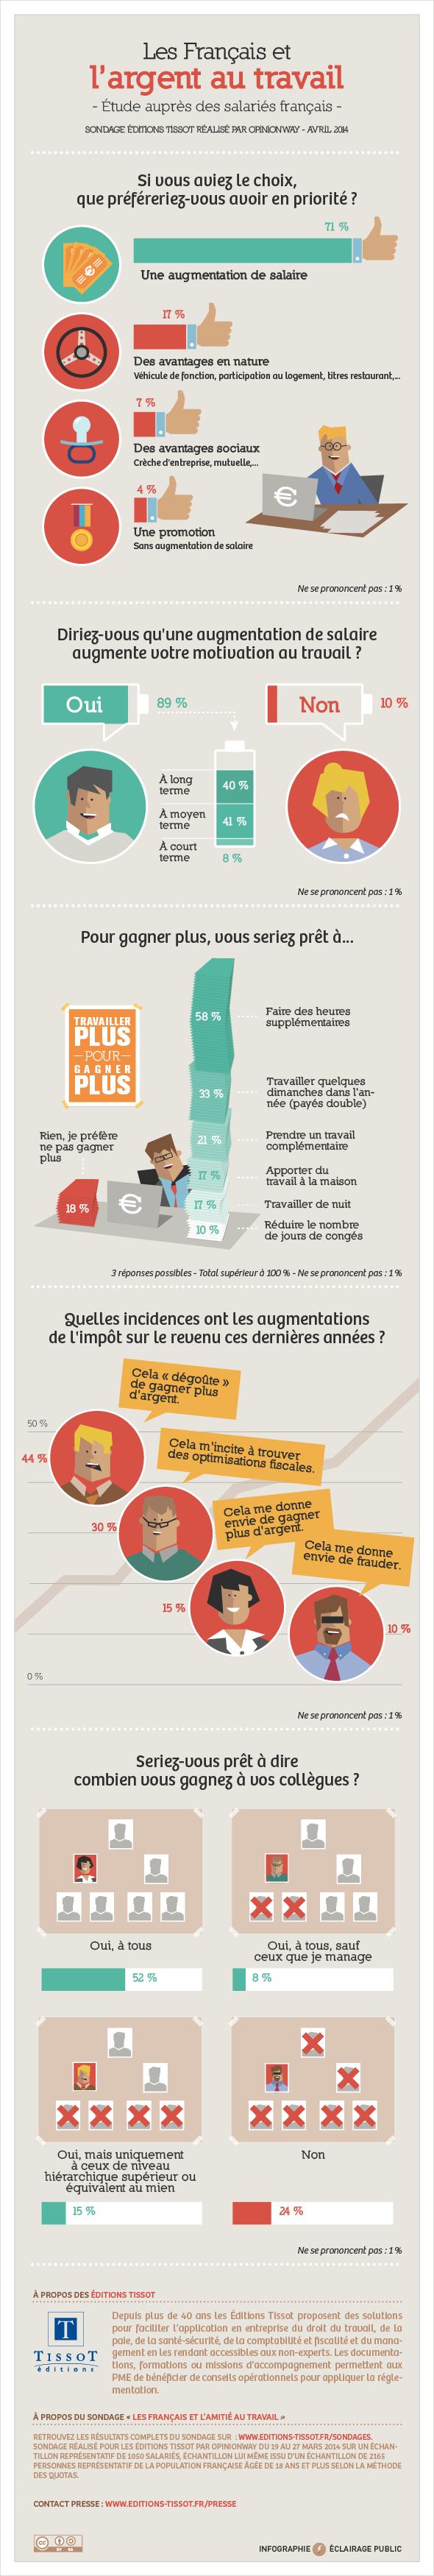 Infographie L'argent au travail - Editions Tissot